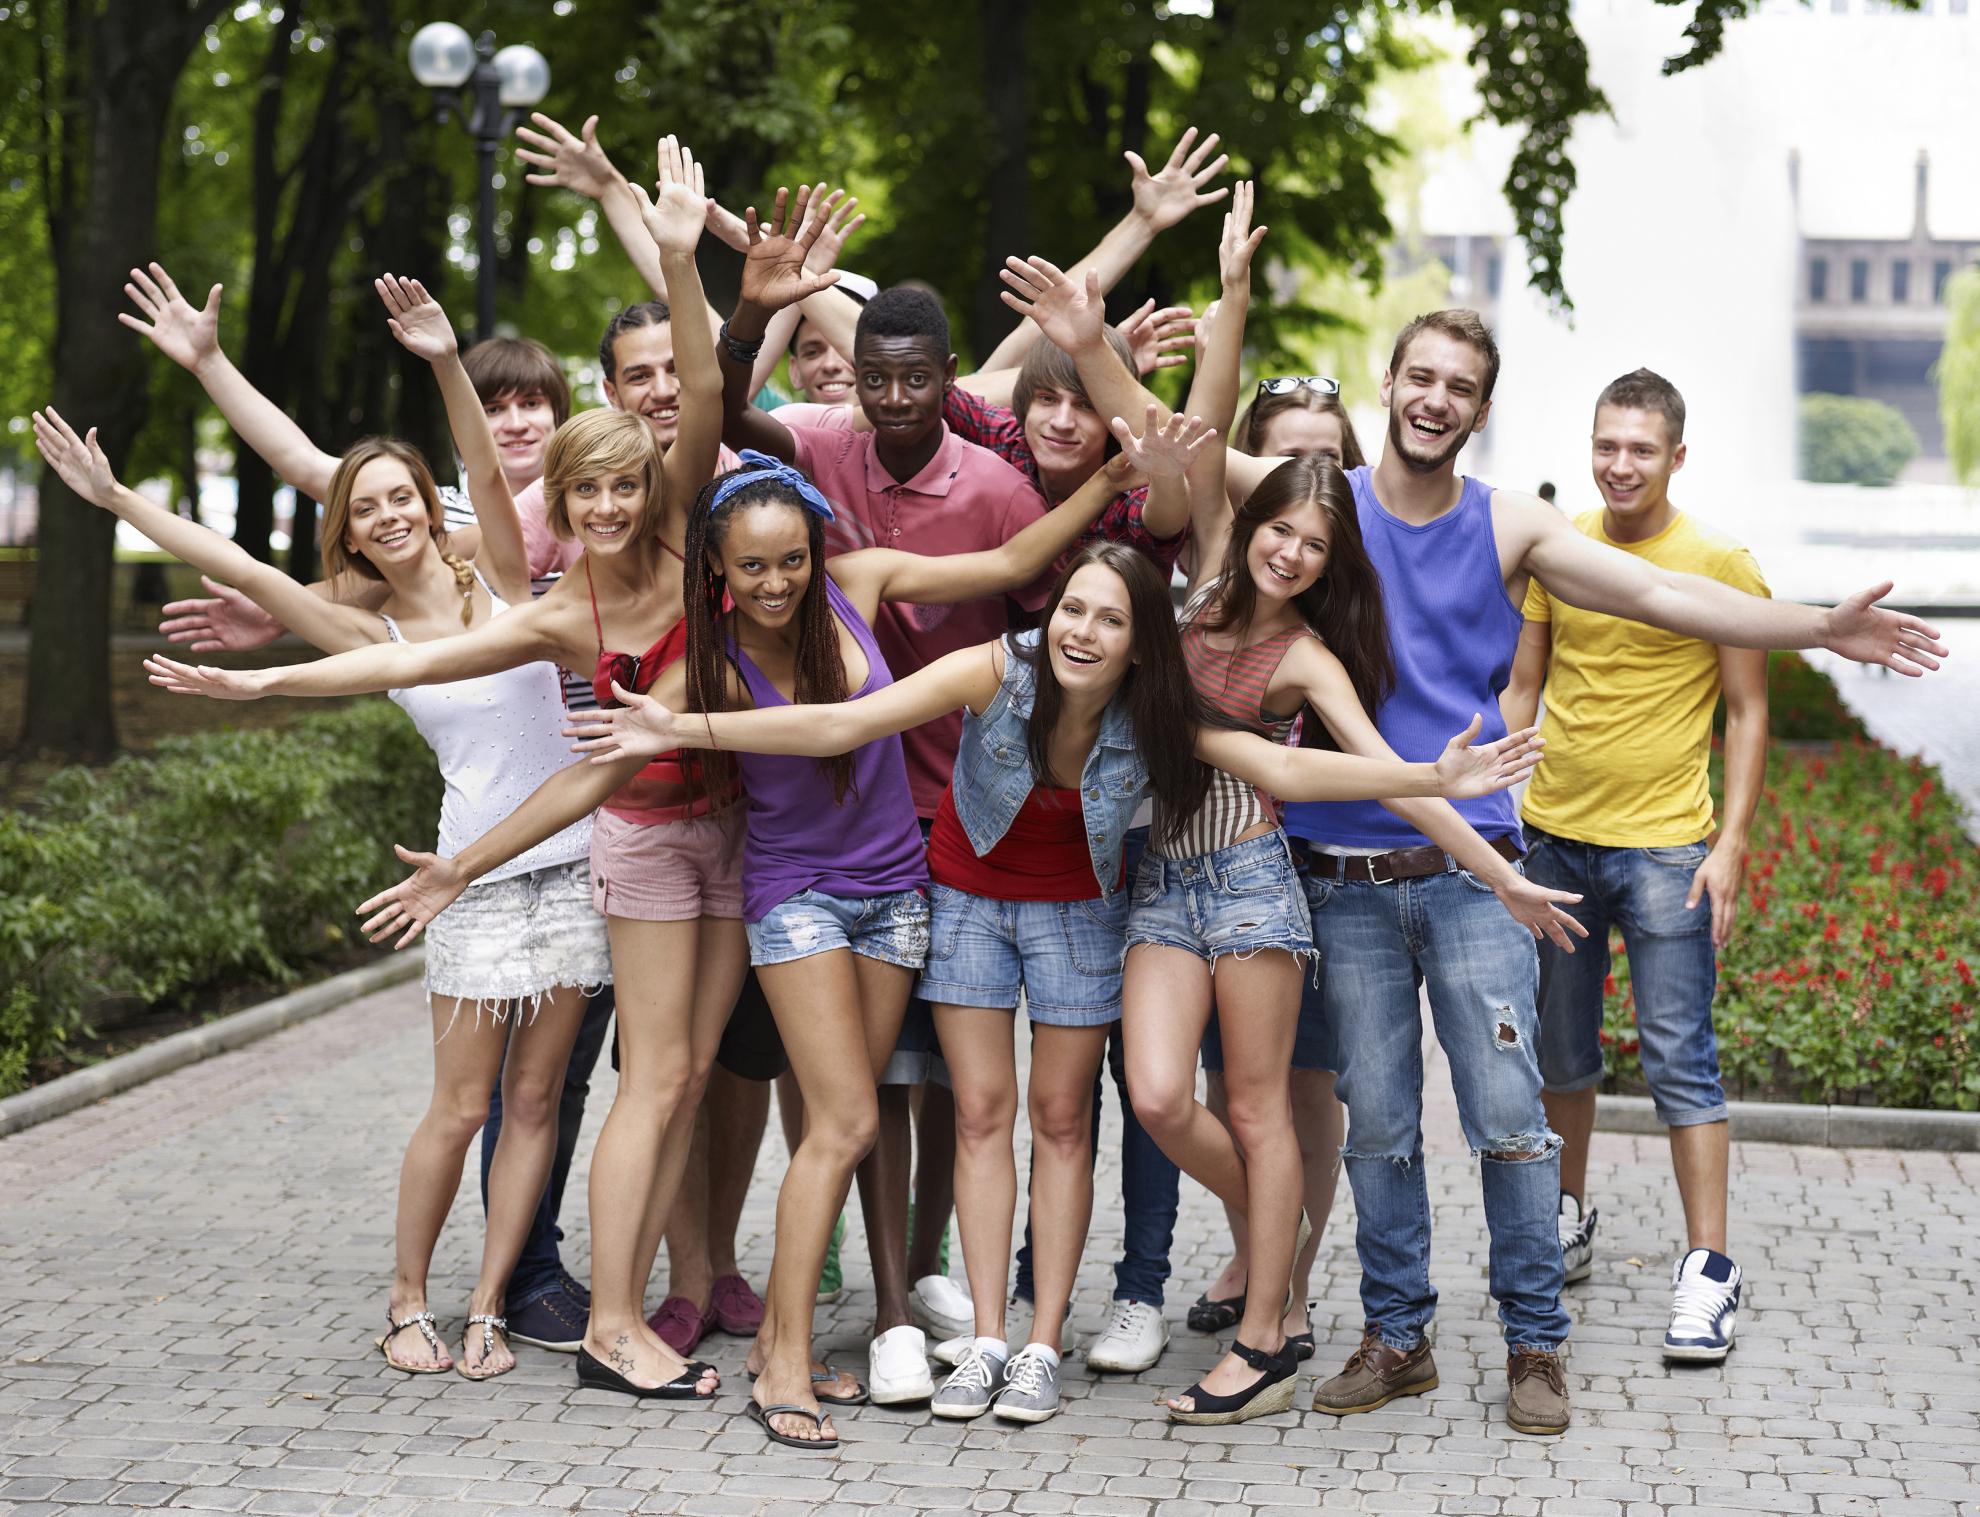 видео отдыхающей русской молодежи двенадцать лет